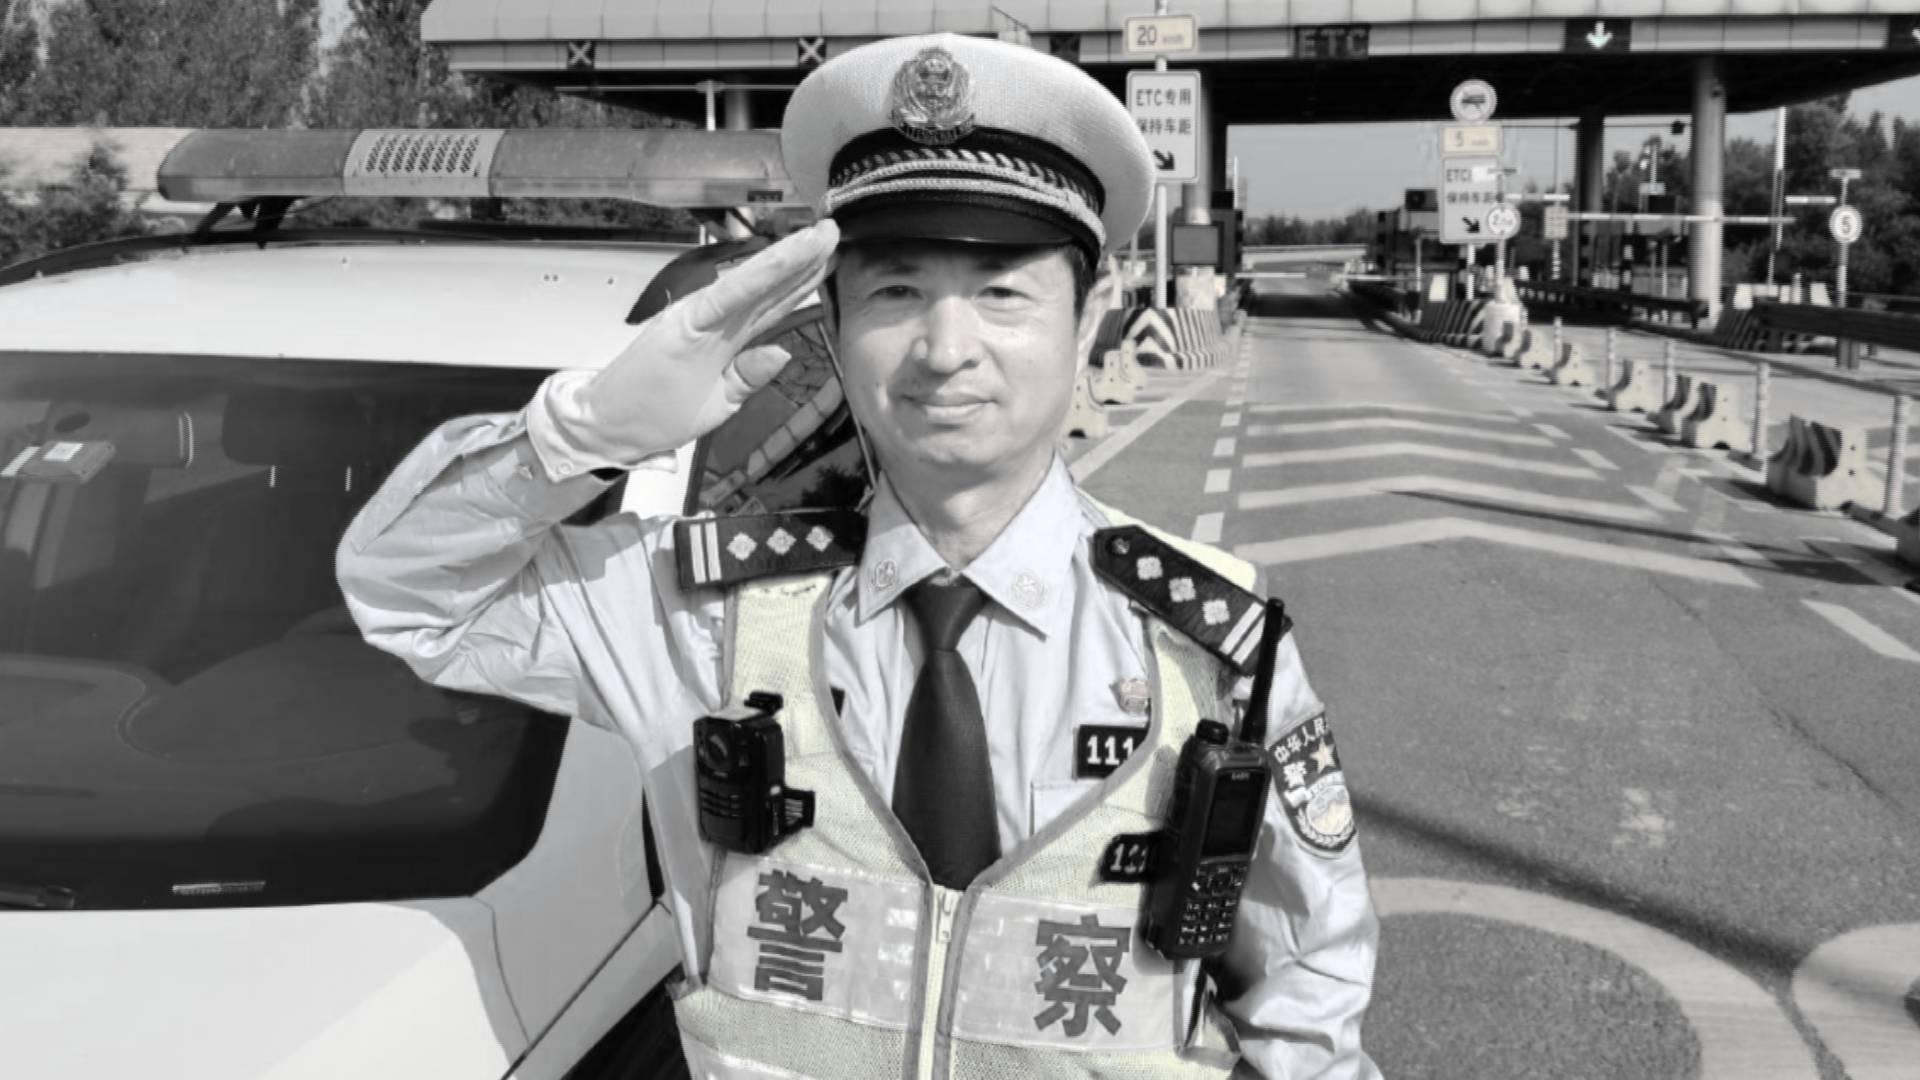 青岛民警李涌牺牲 这是他留给我们的最后一条工作视频